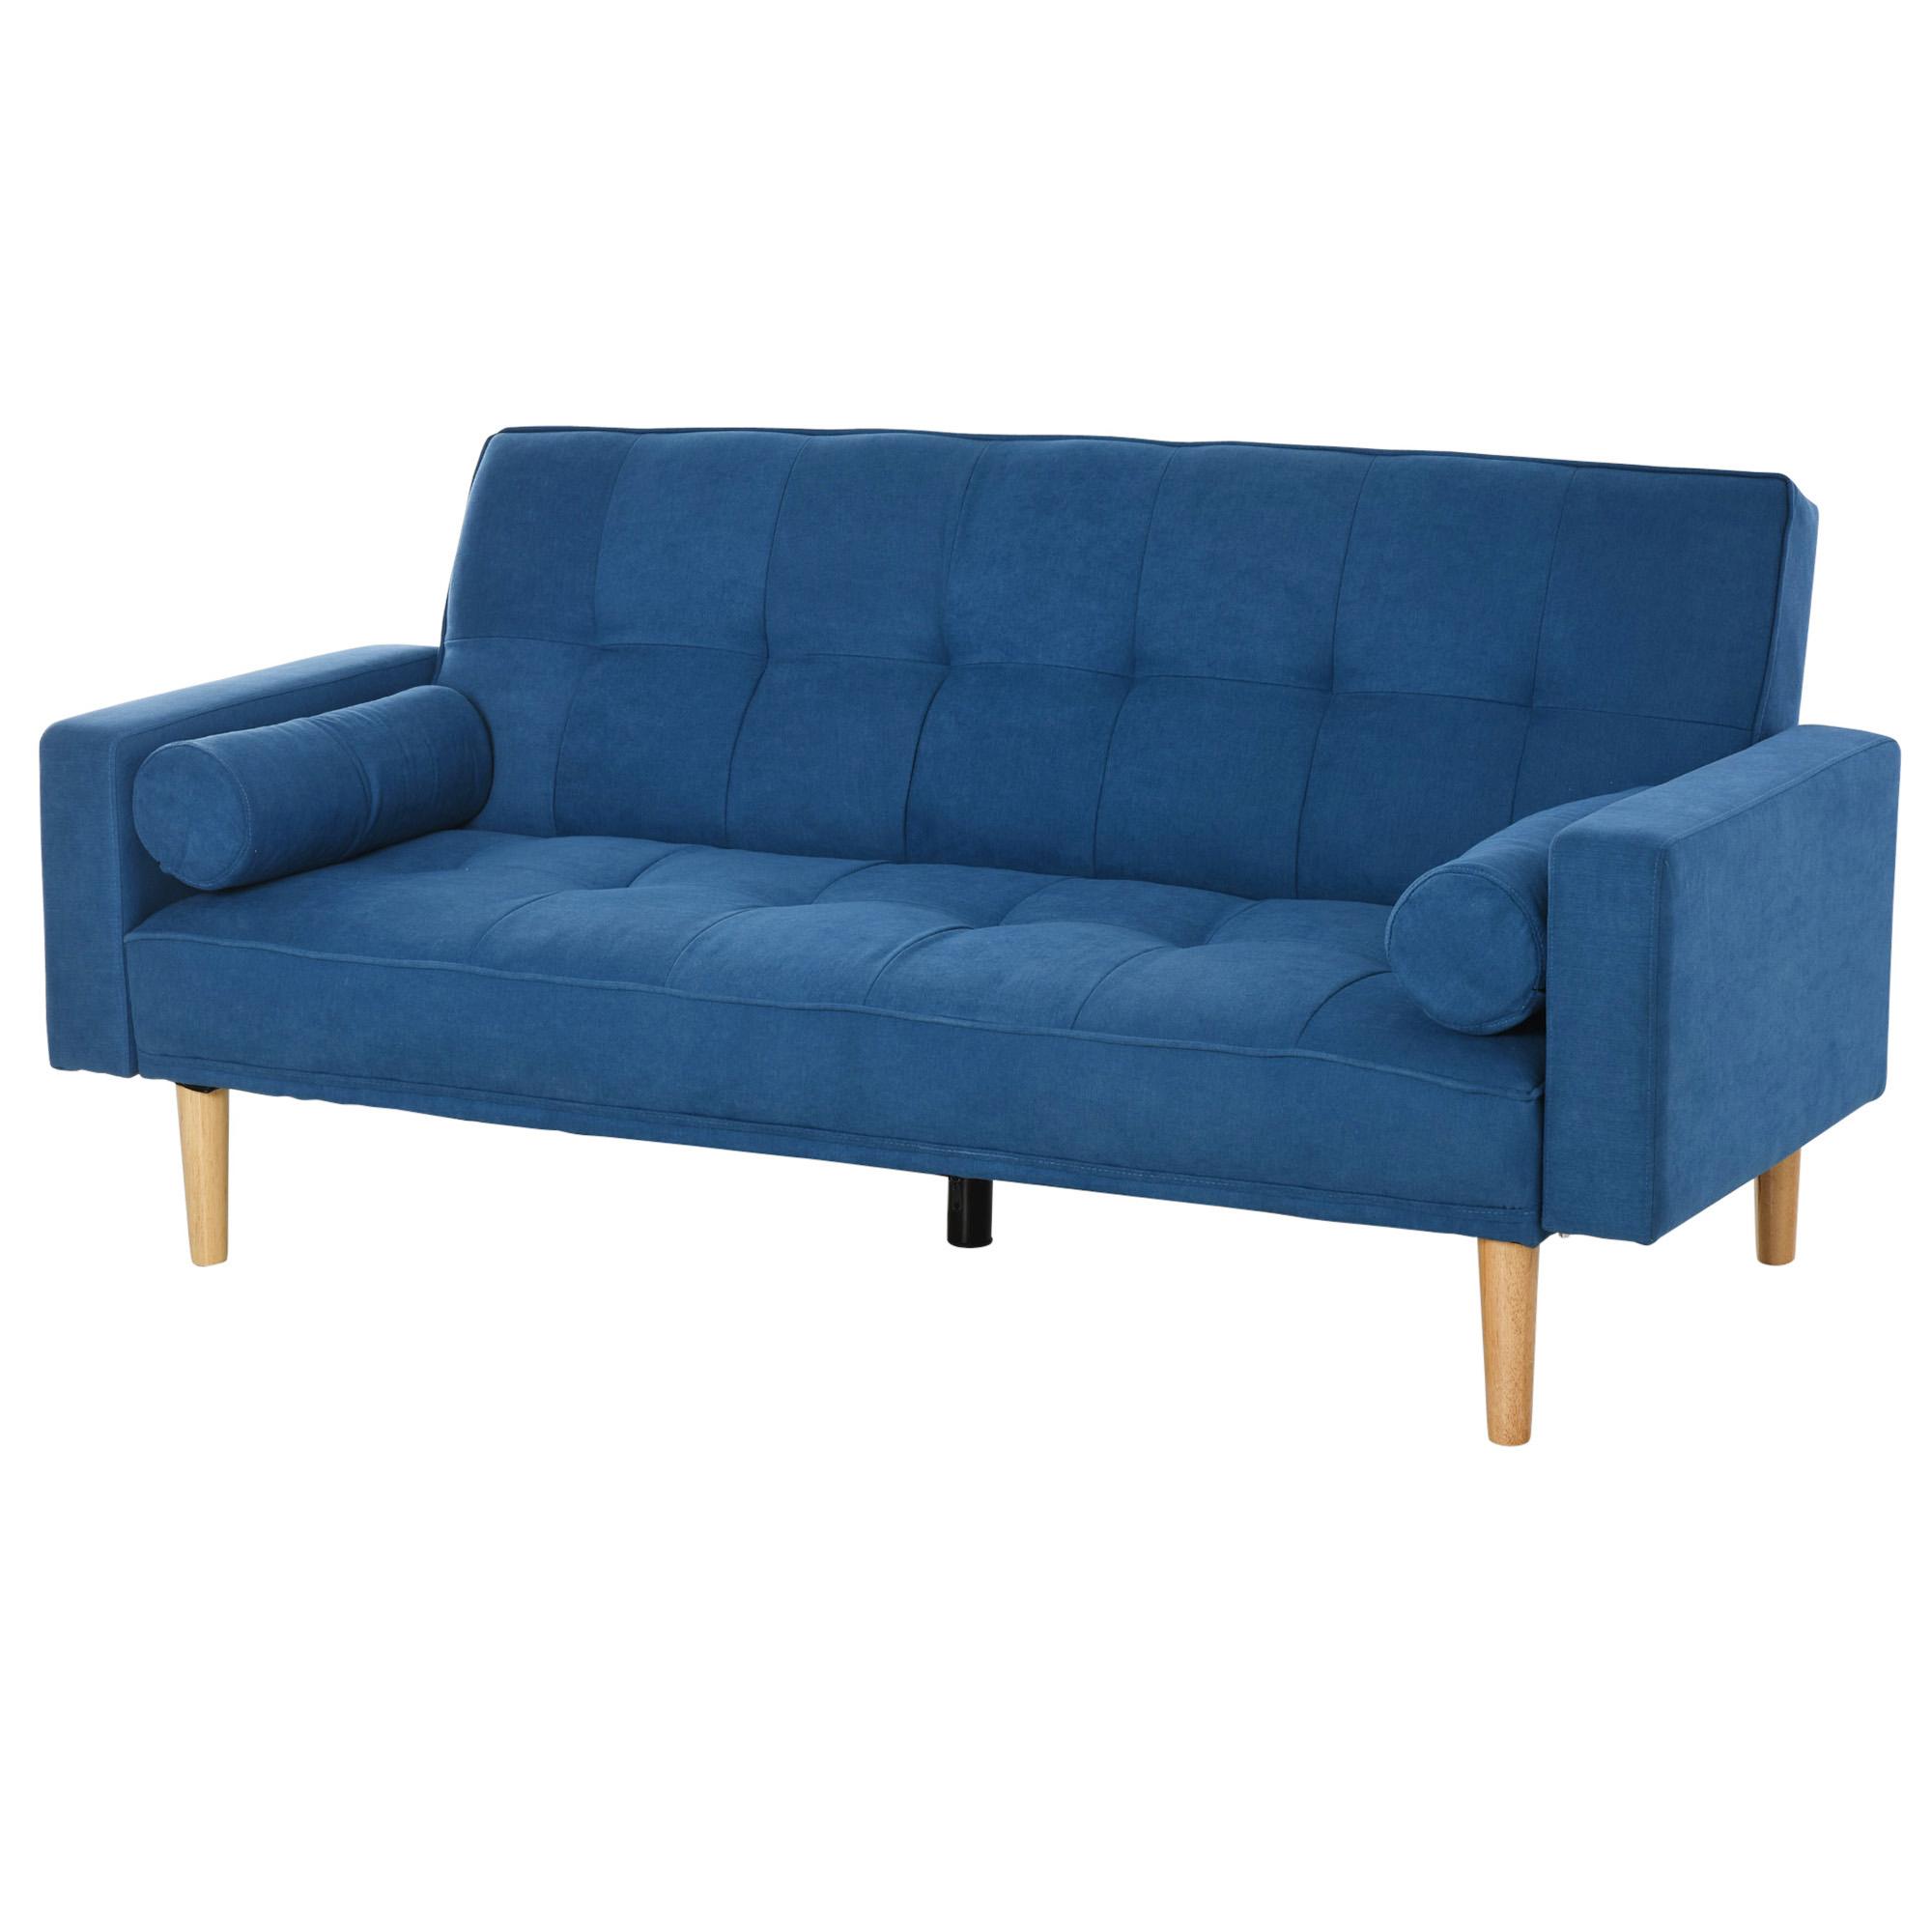 Canapé droit 3 places Bleu Tissu Pas cher Design Confort